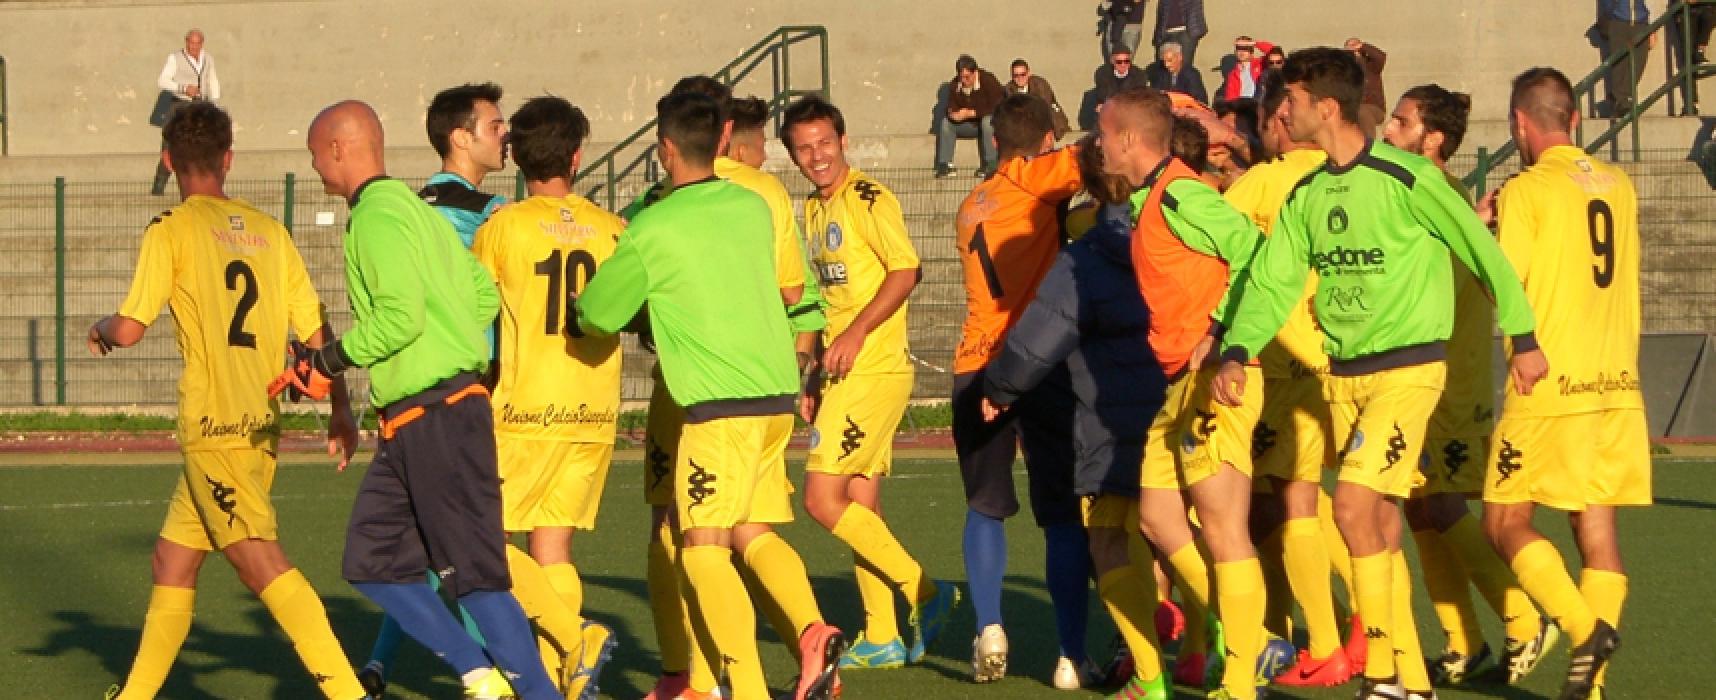 Unione Calcio, insolito sabato di campionato: azzurri a Grottaglie contro l'Hellas Taranto